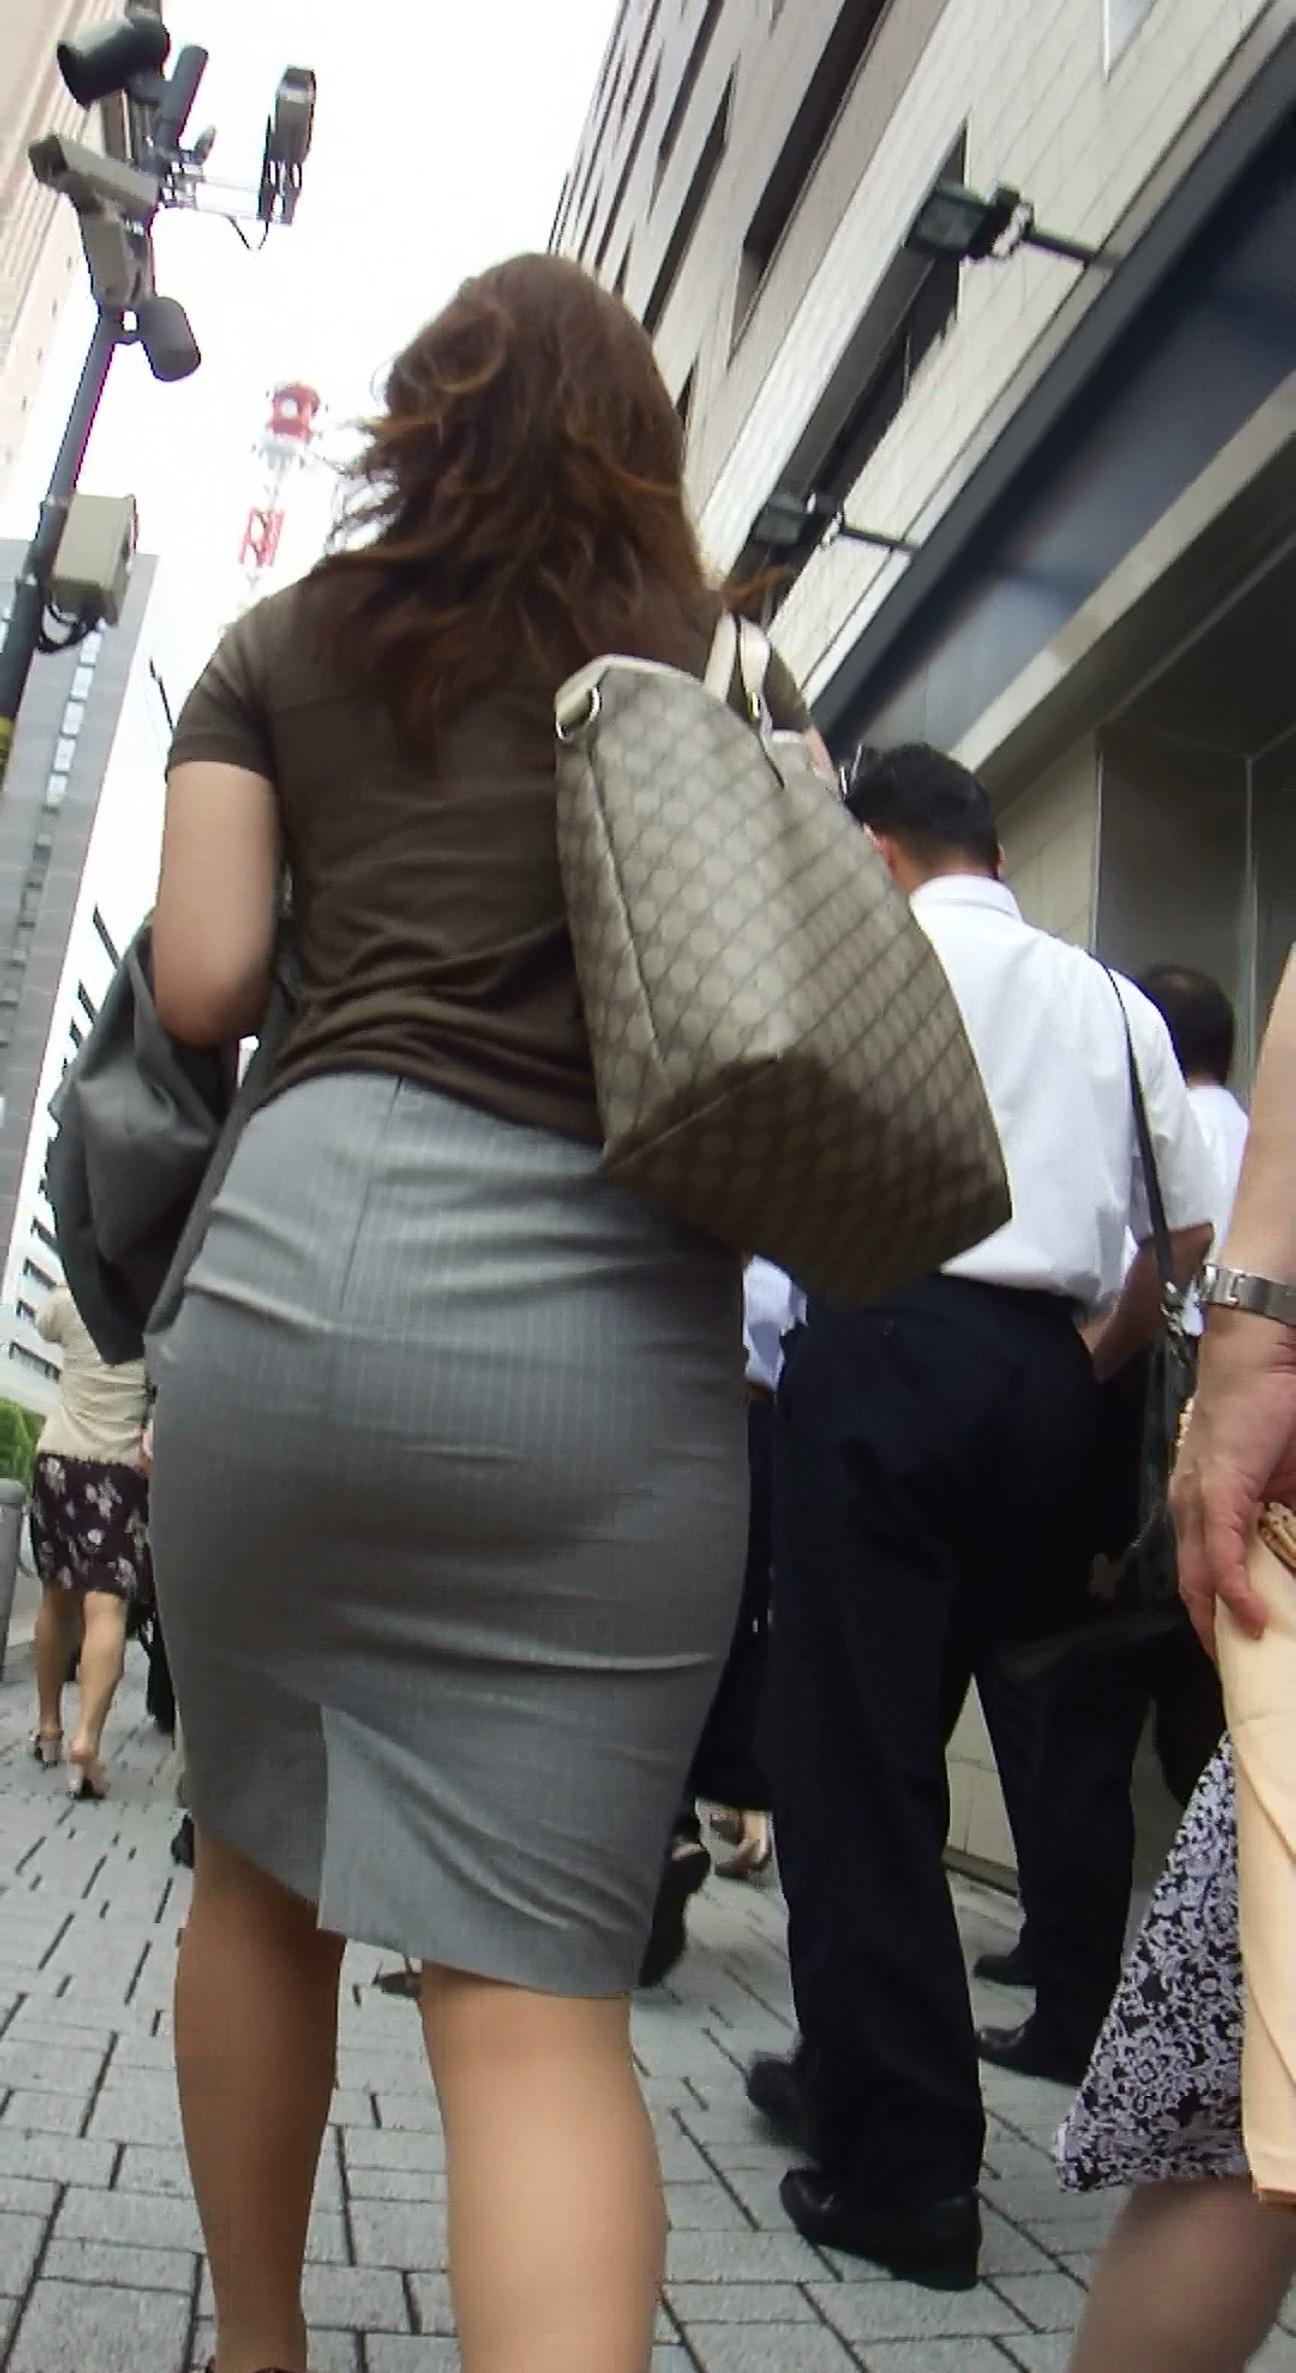 【街撮り画像】OL風お姉さんのムチムチタイトスカートとパンティーラインを追跡! 20